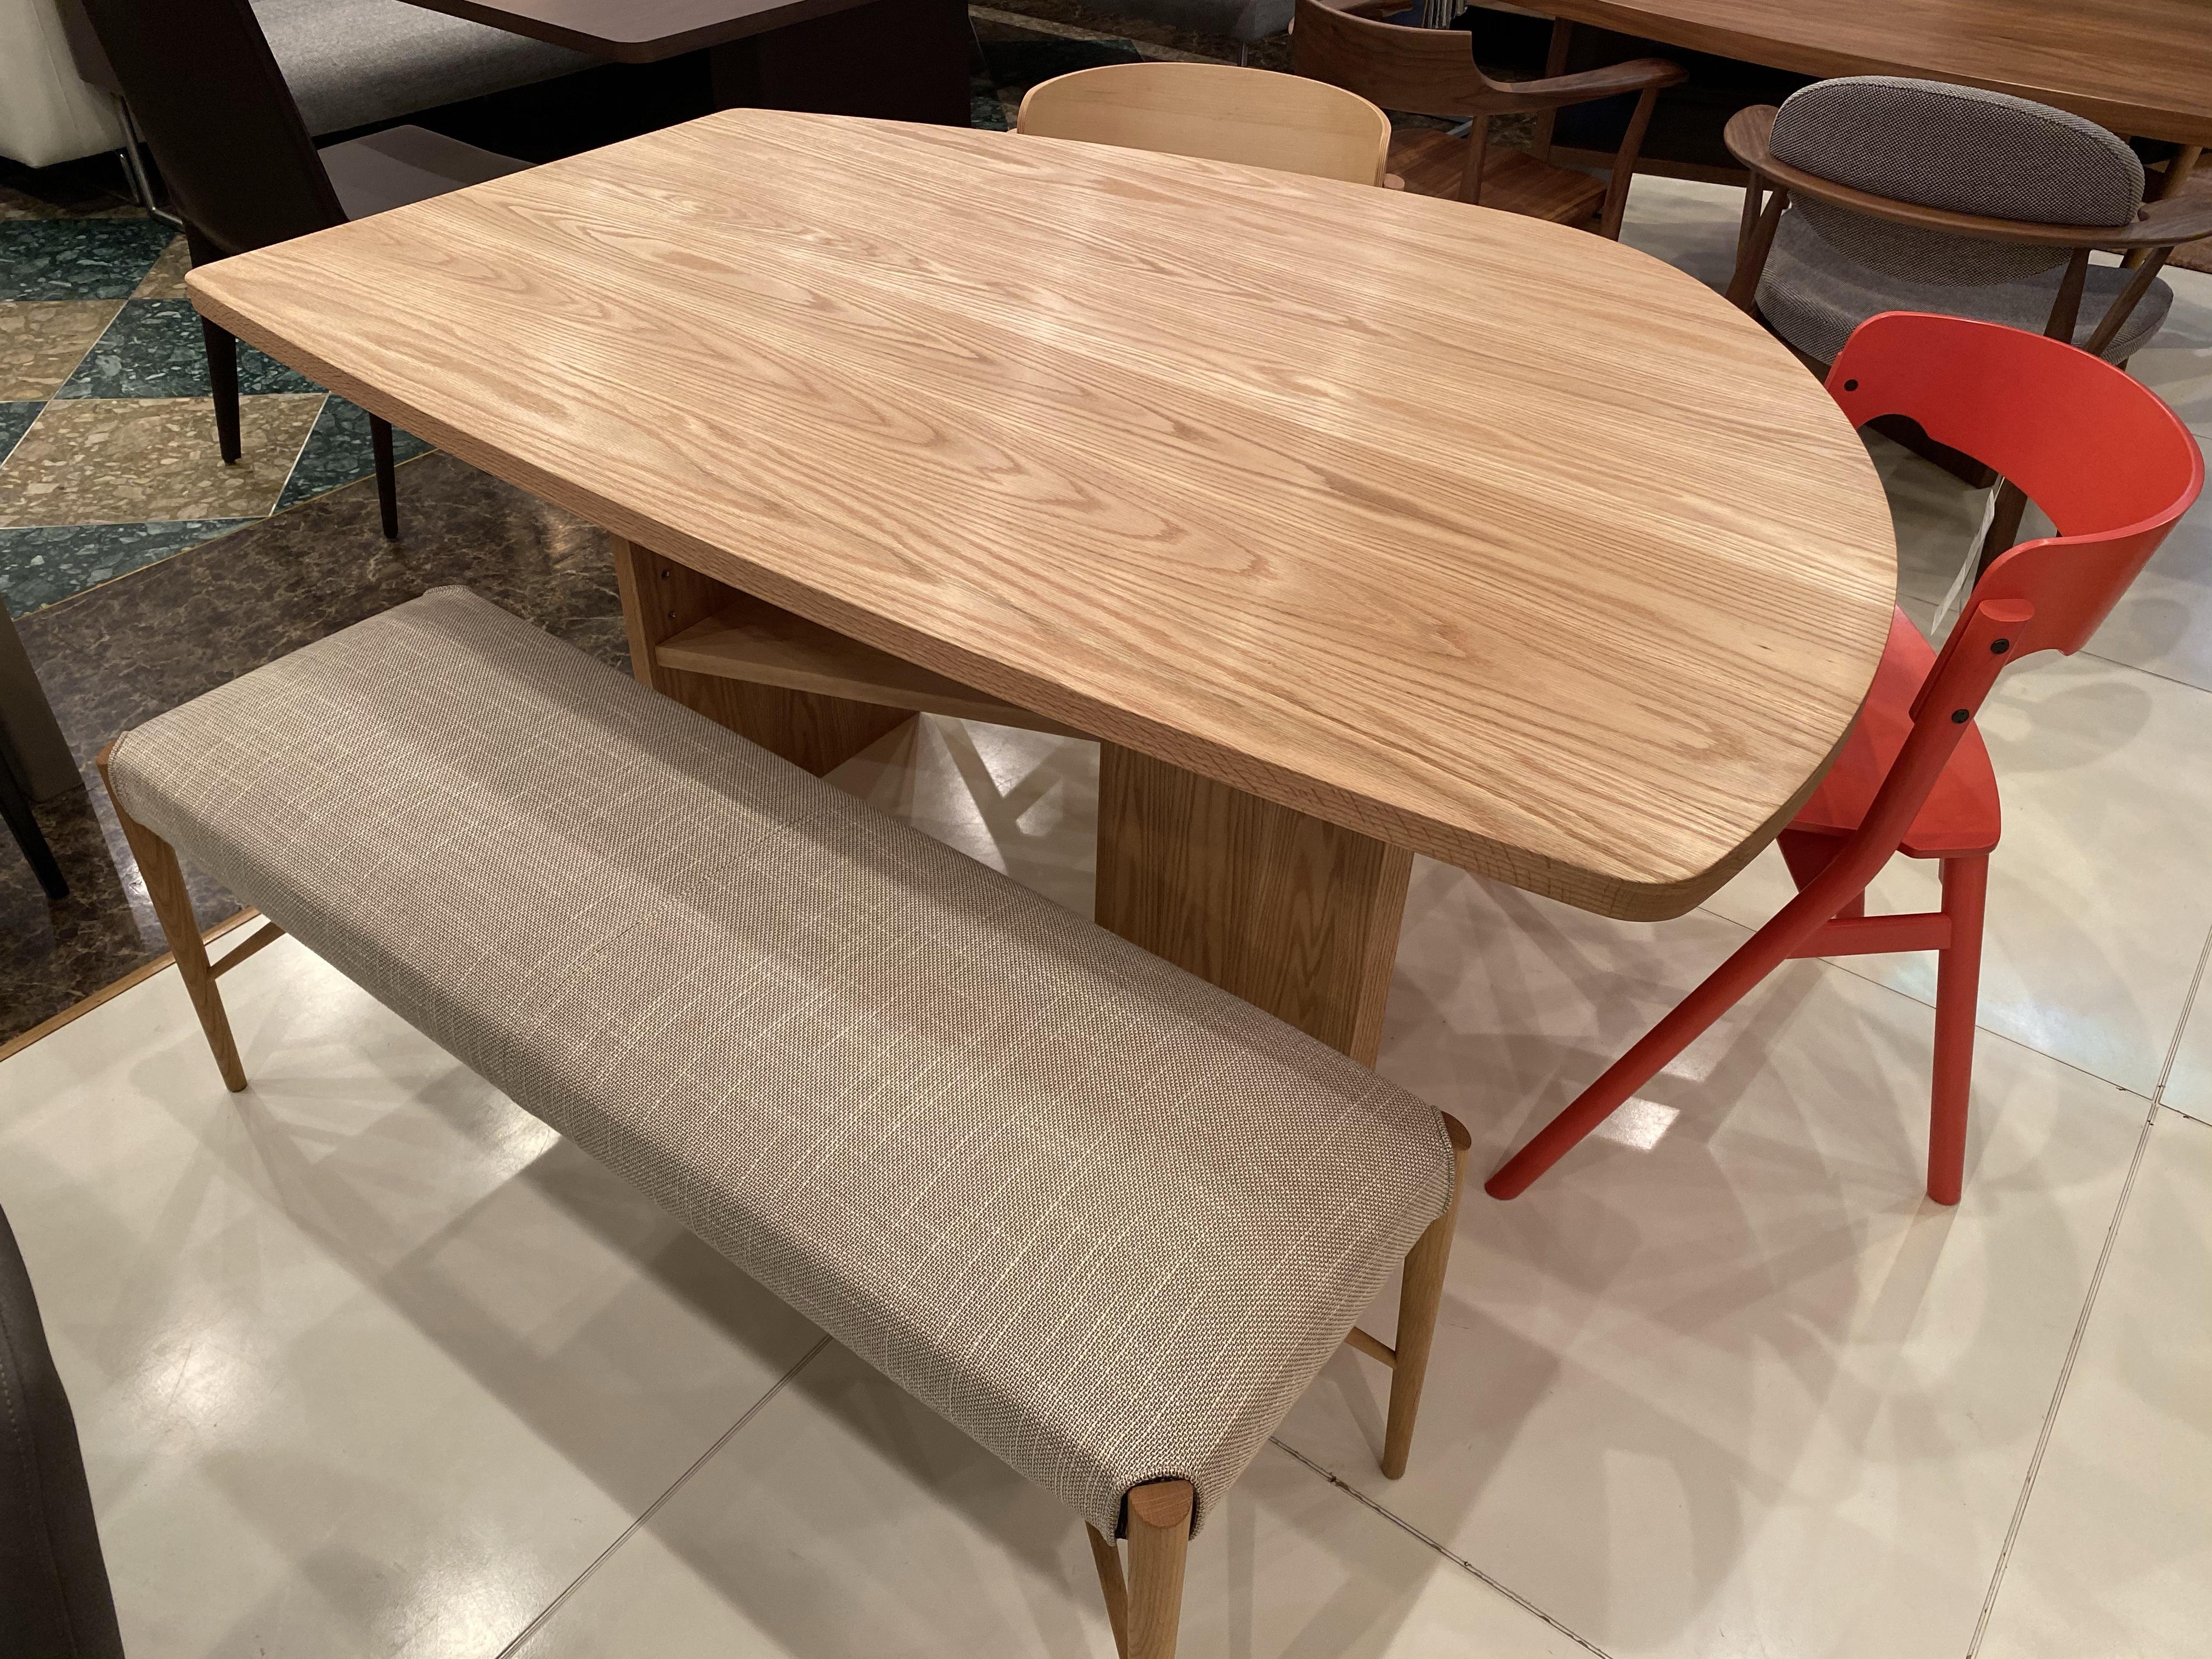 限られた空間に変形テーブルはお勧めです